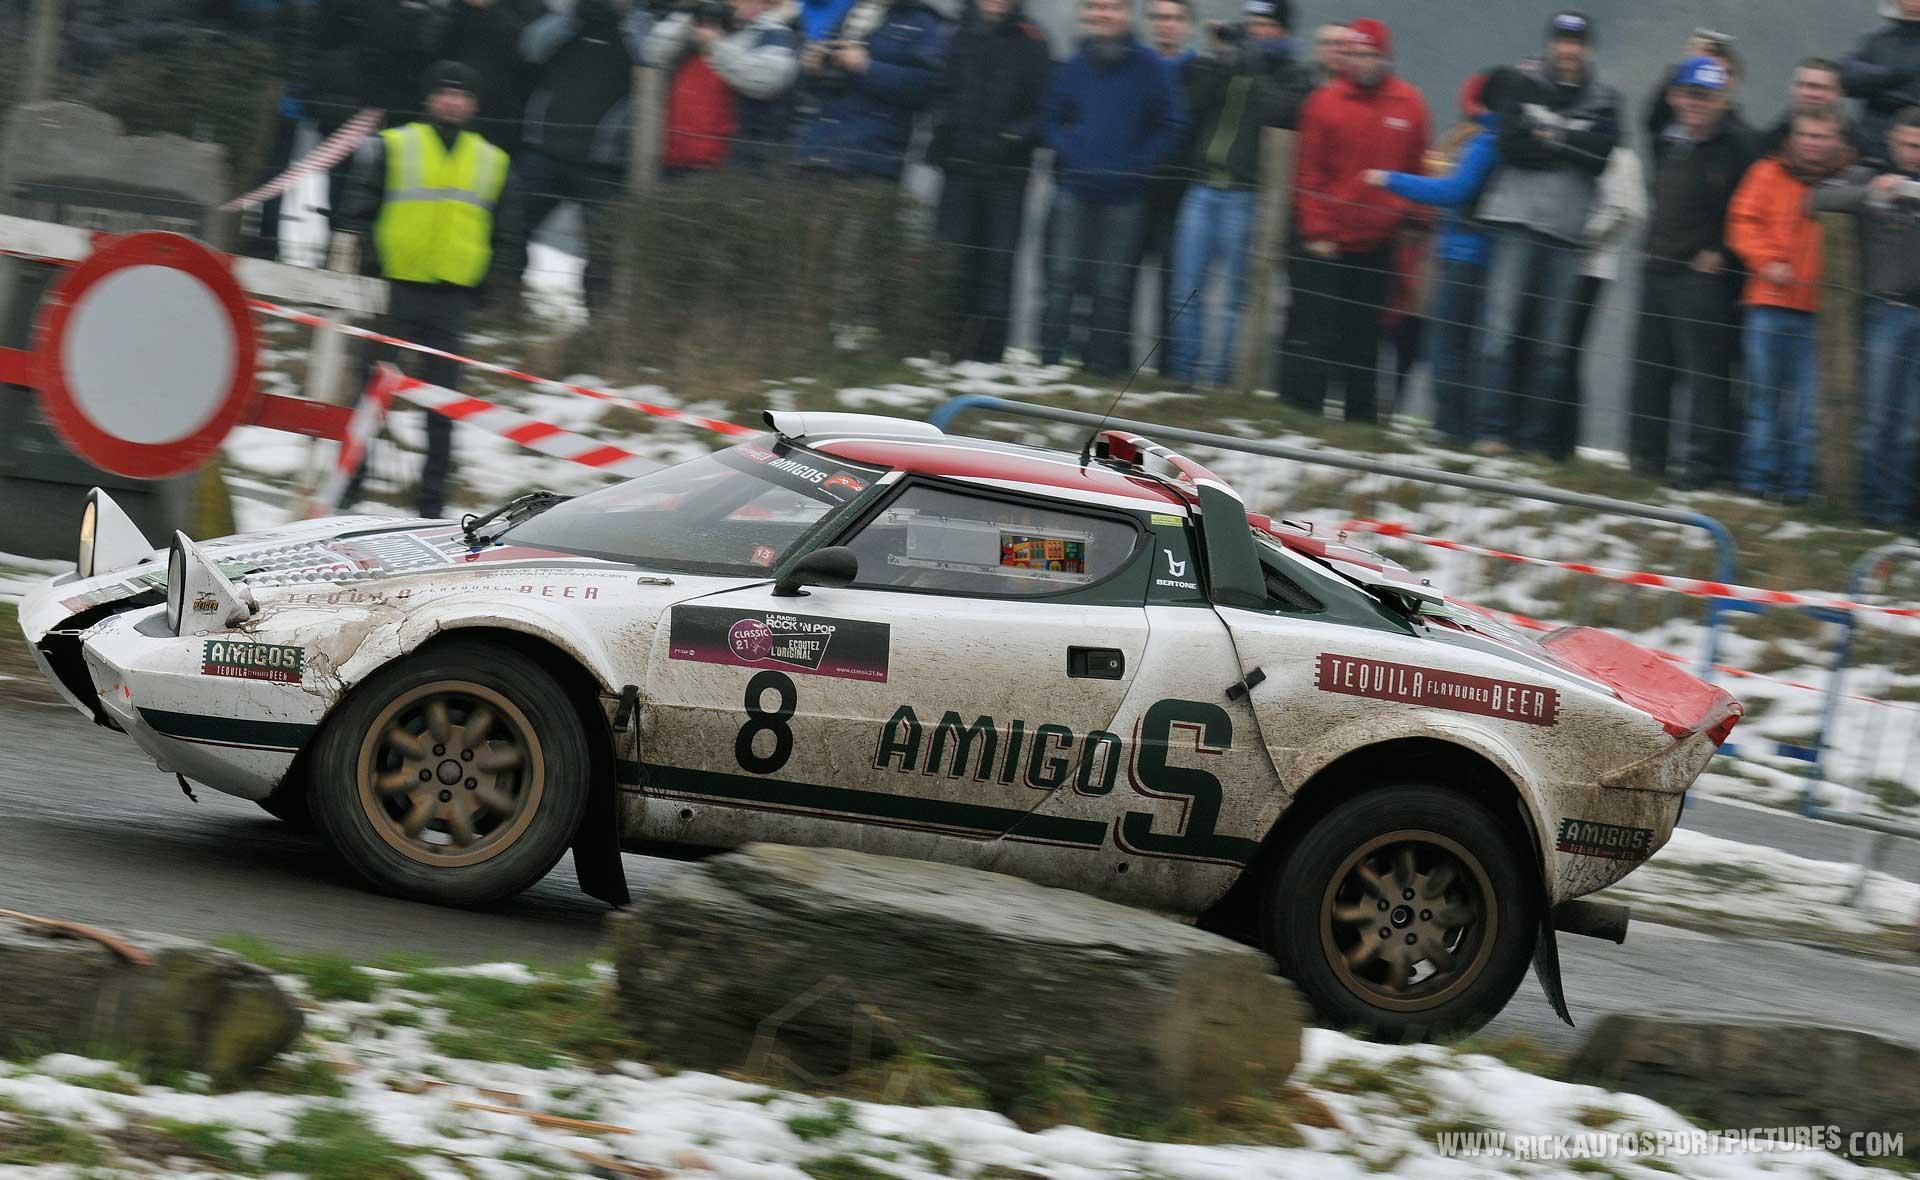 Steve Perez Lancia Stratos HF